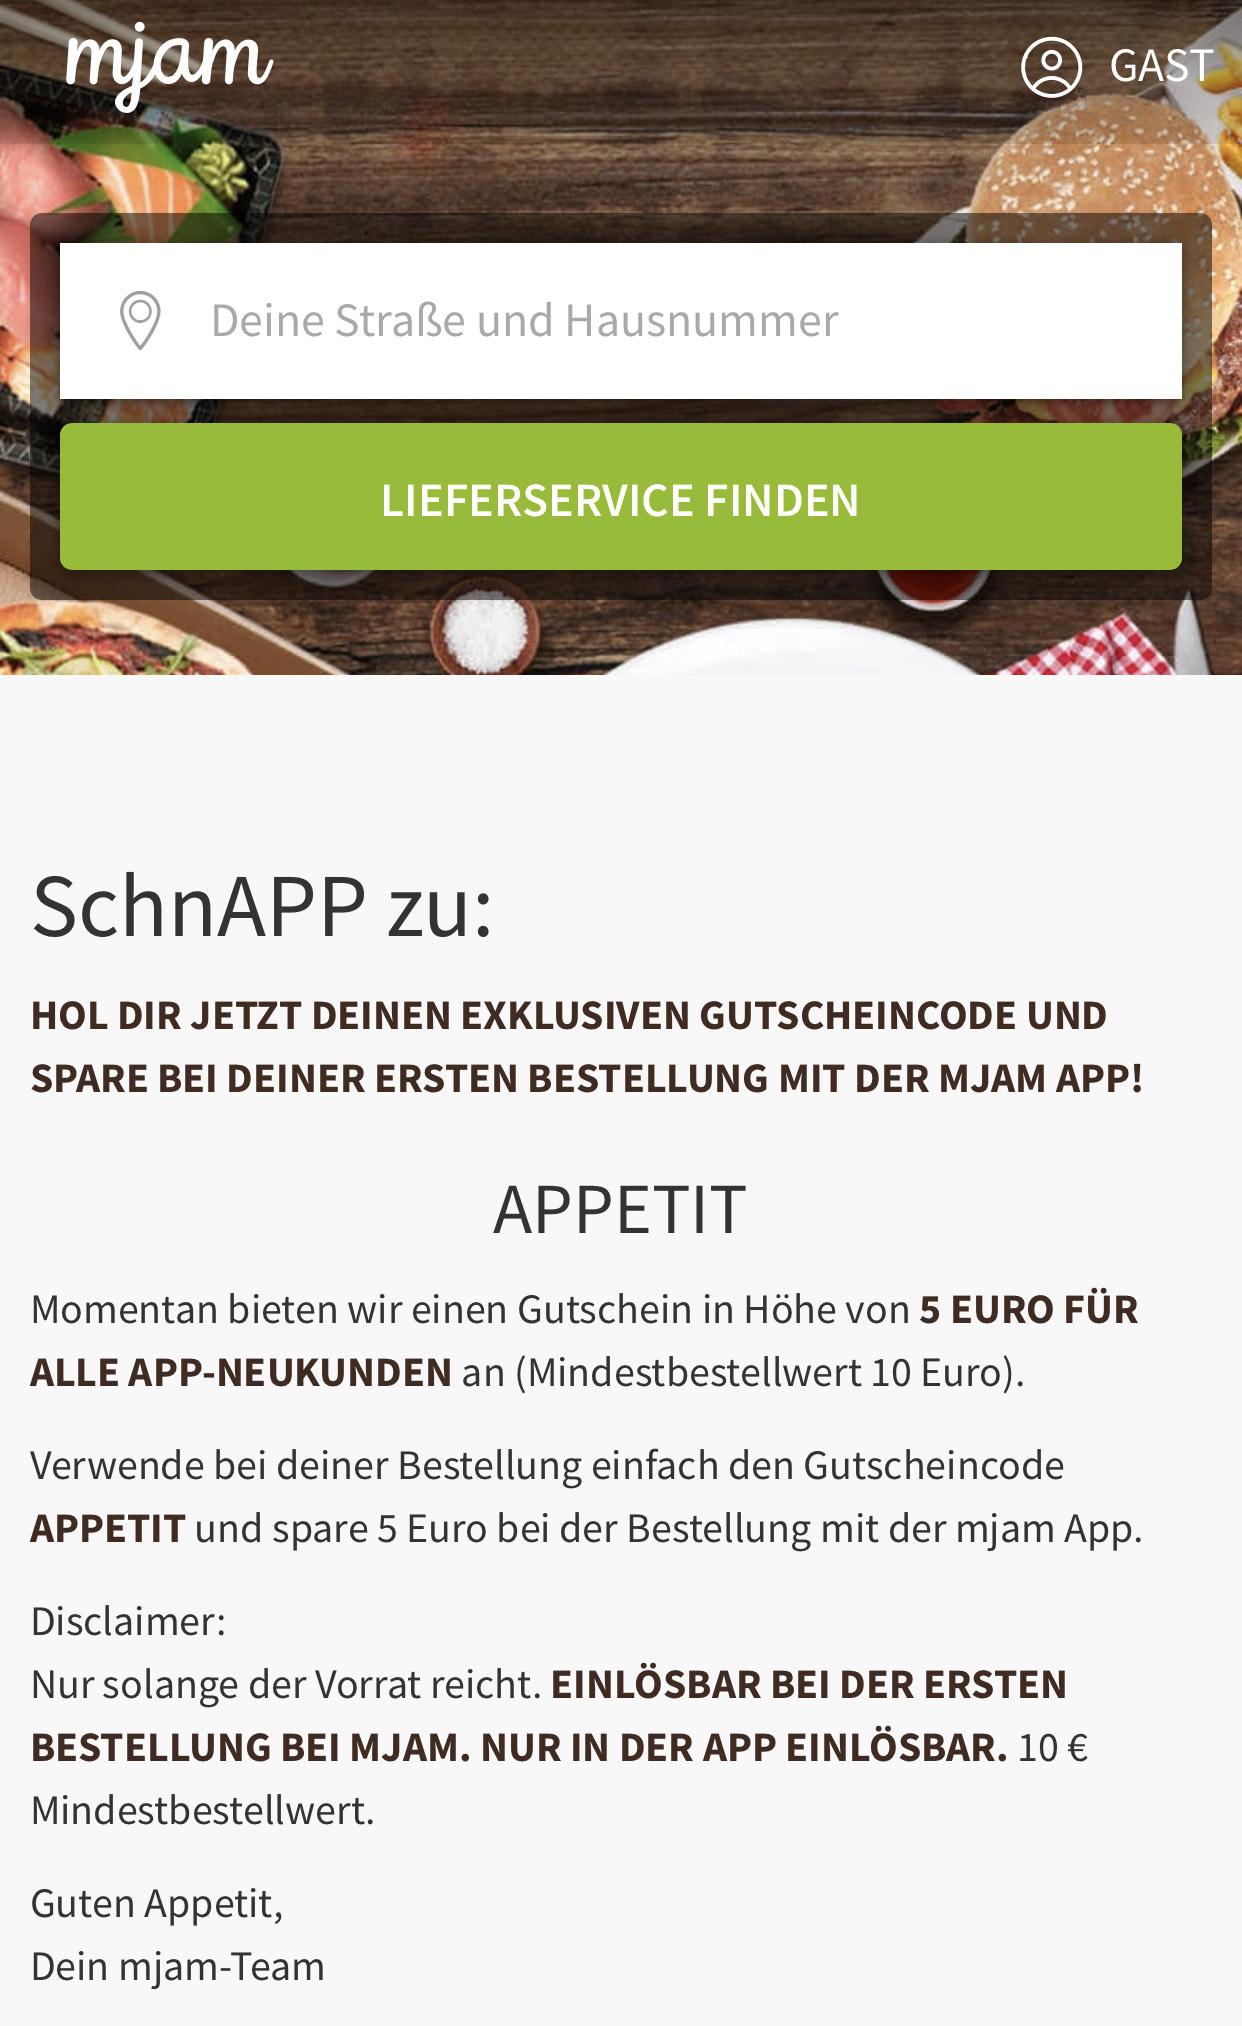 MJAM 5 € Gutschein Neukunden (10 € MBW)